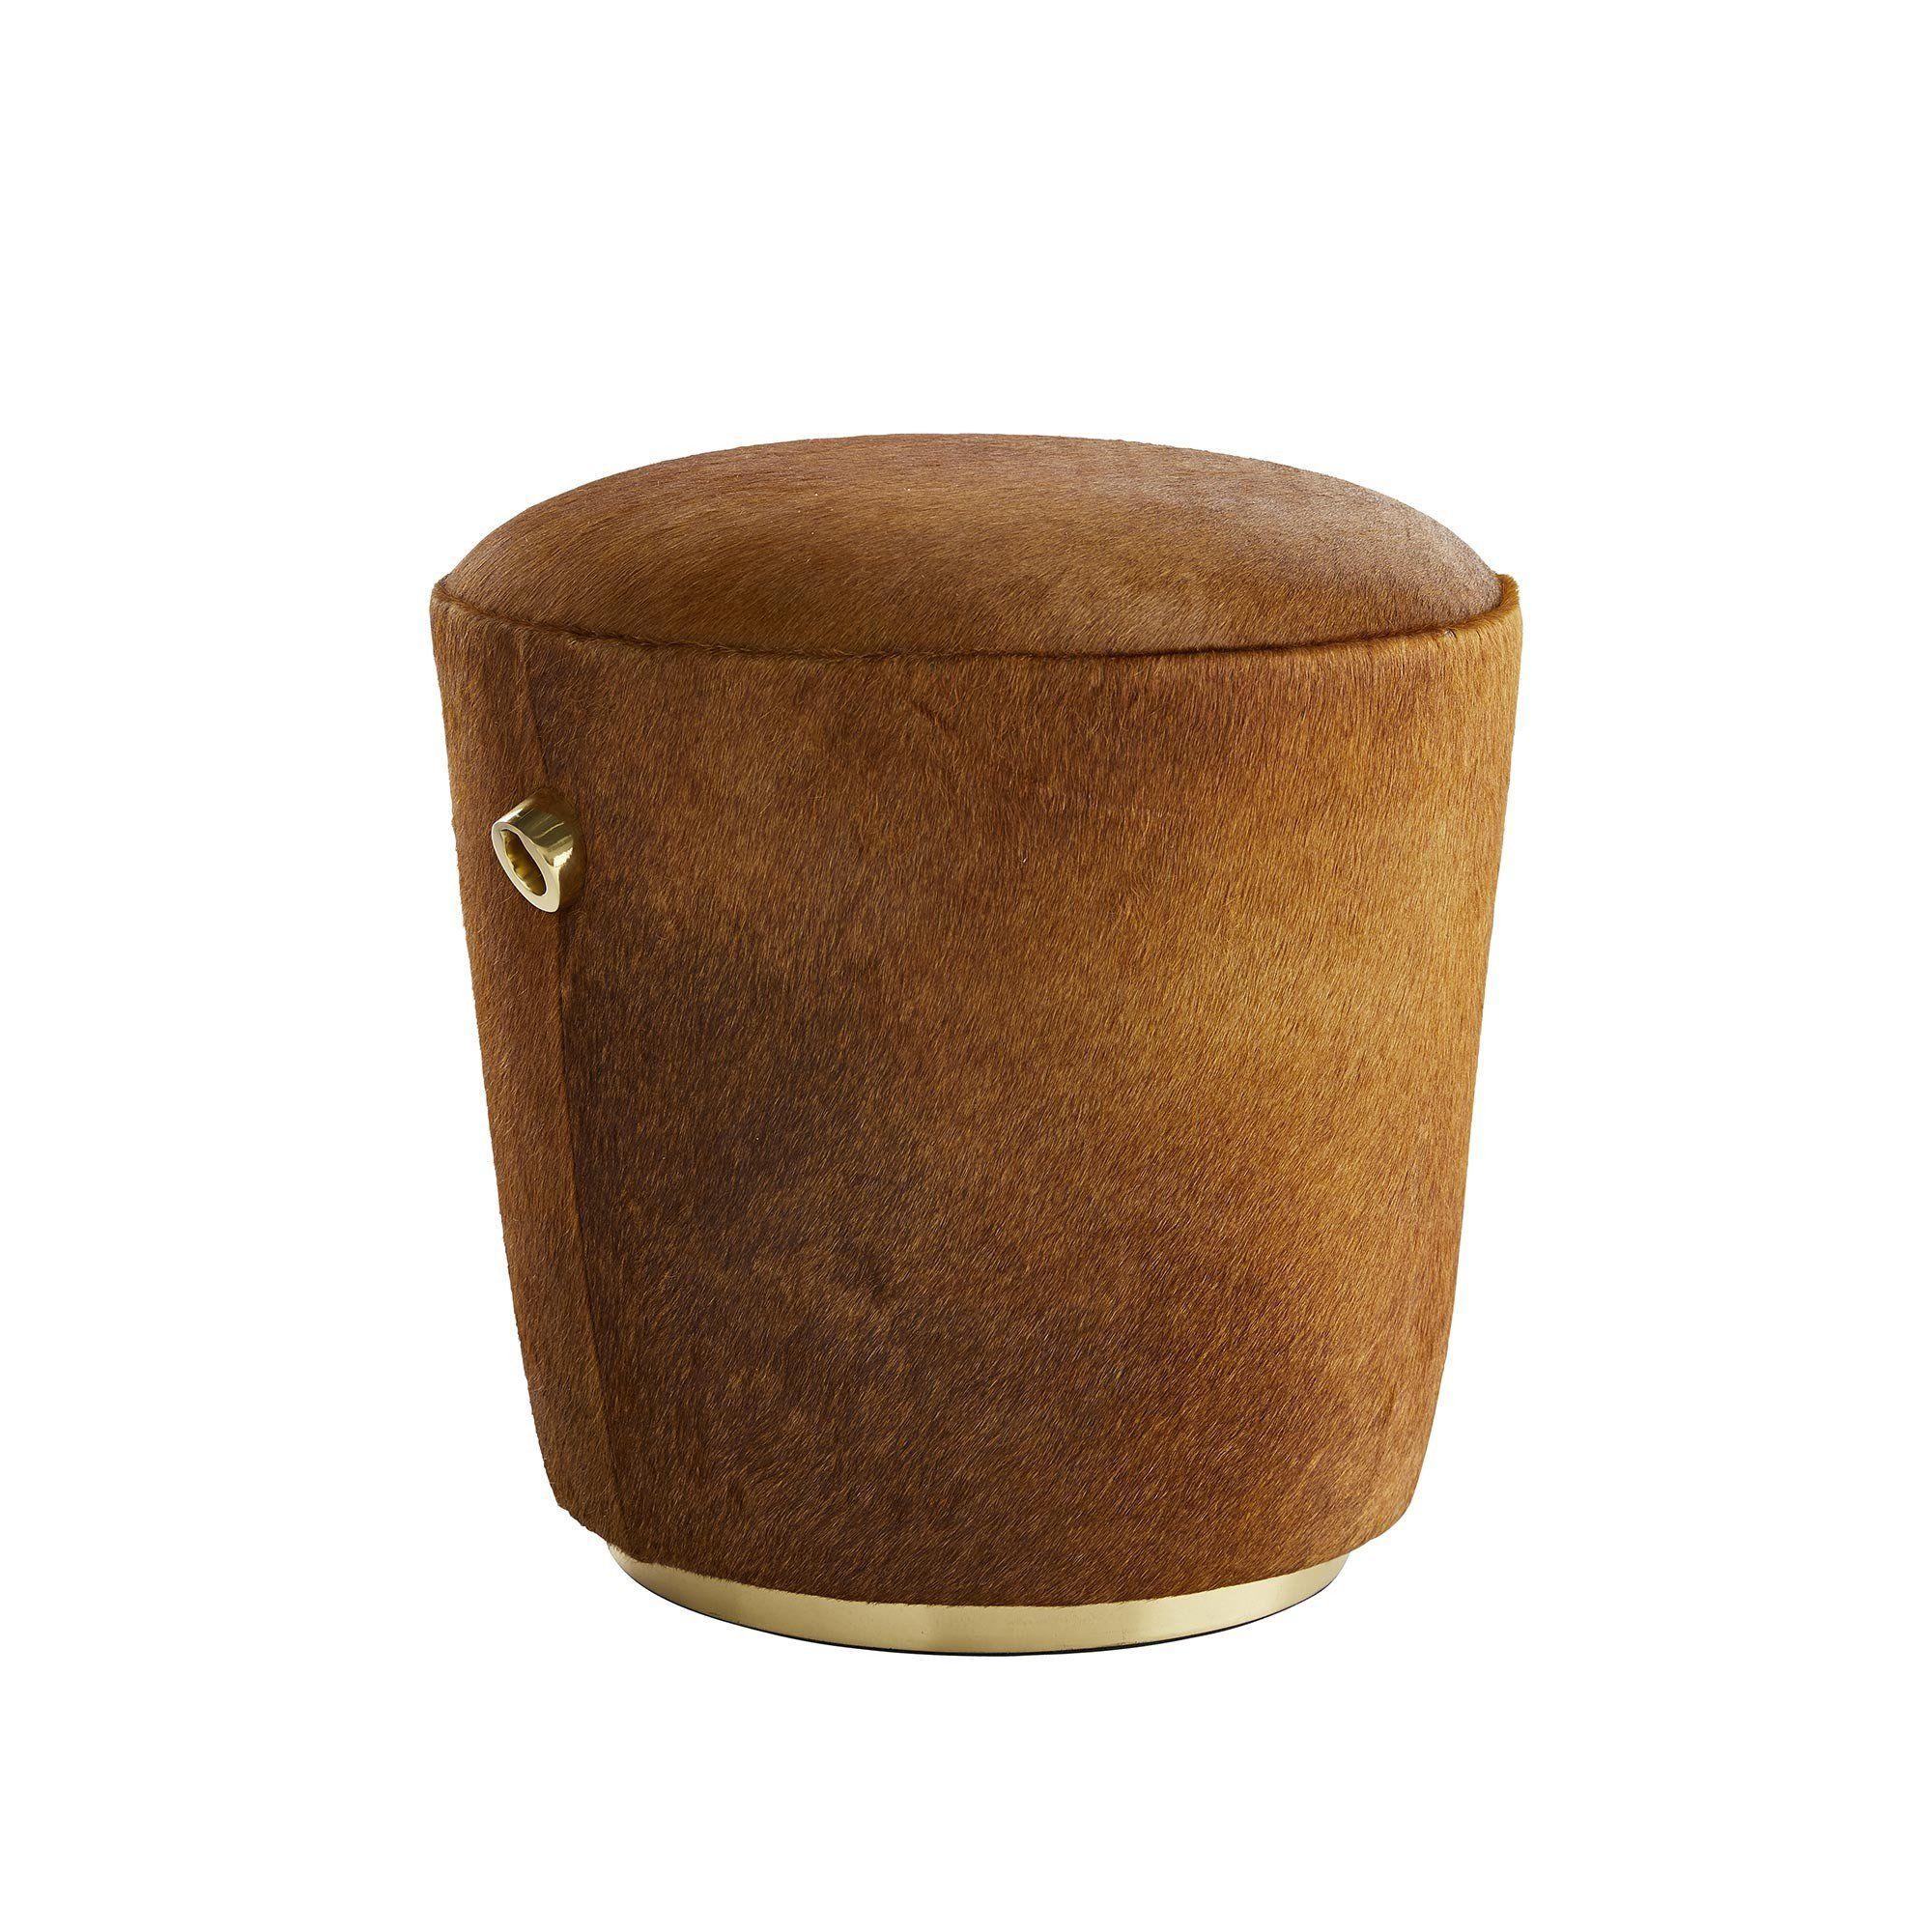 Beau Ottoman Ottoman Round Back Dining Chairs Ottoman Stool